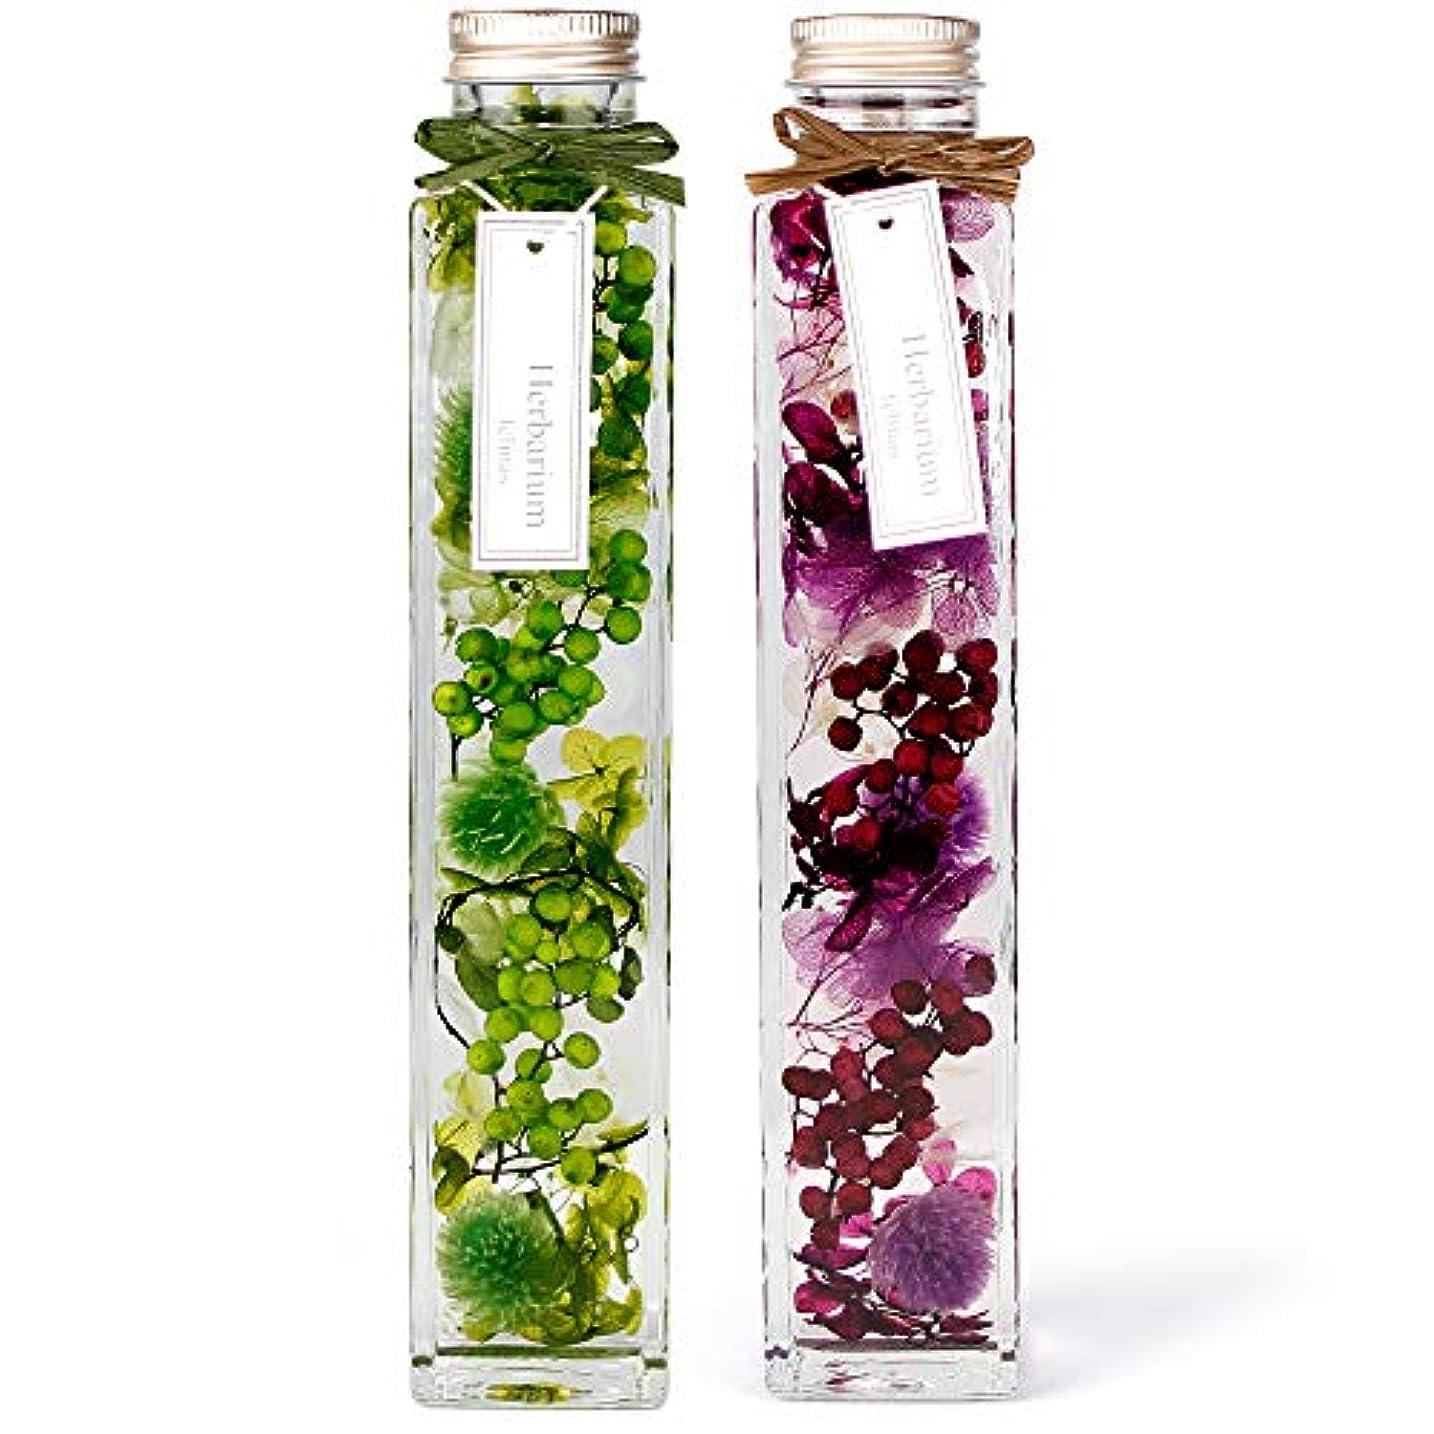 感覚基礎全滅させる[フェリナス] ハーバリウム 角瓶(2本セット) グリーン(緑)&パープル(紫) ギフト 贈り物 誕生日 記念日 敬老の日 kaku-green&purple